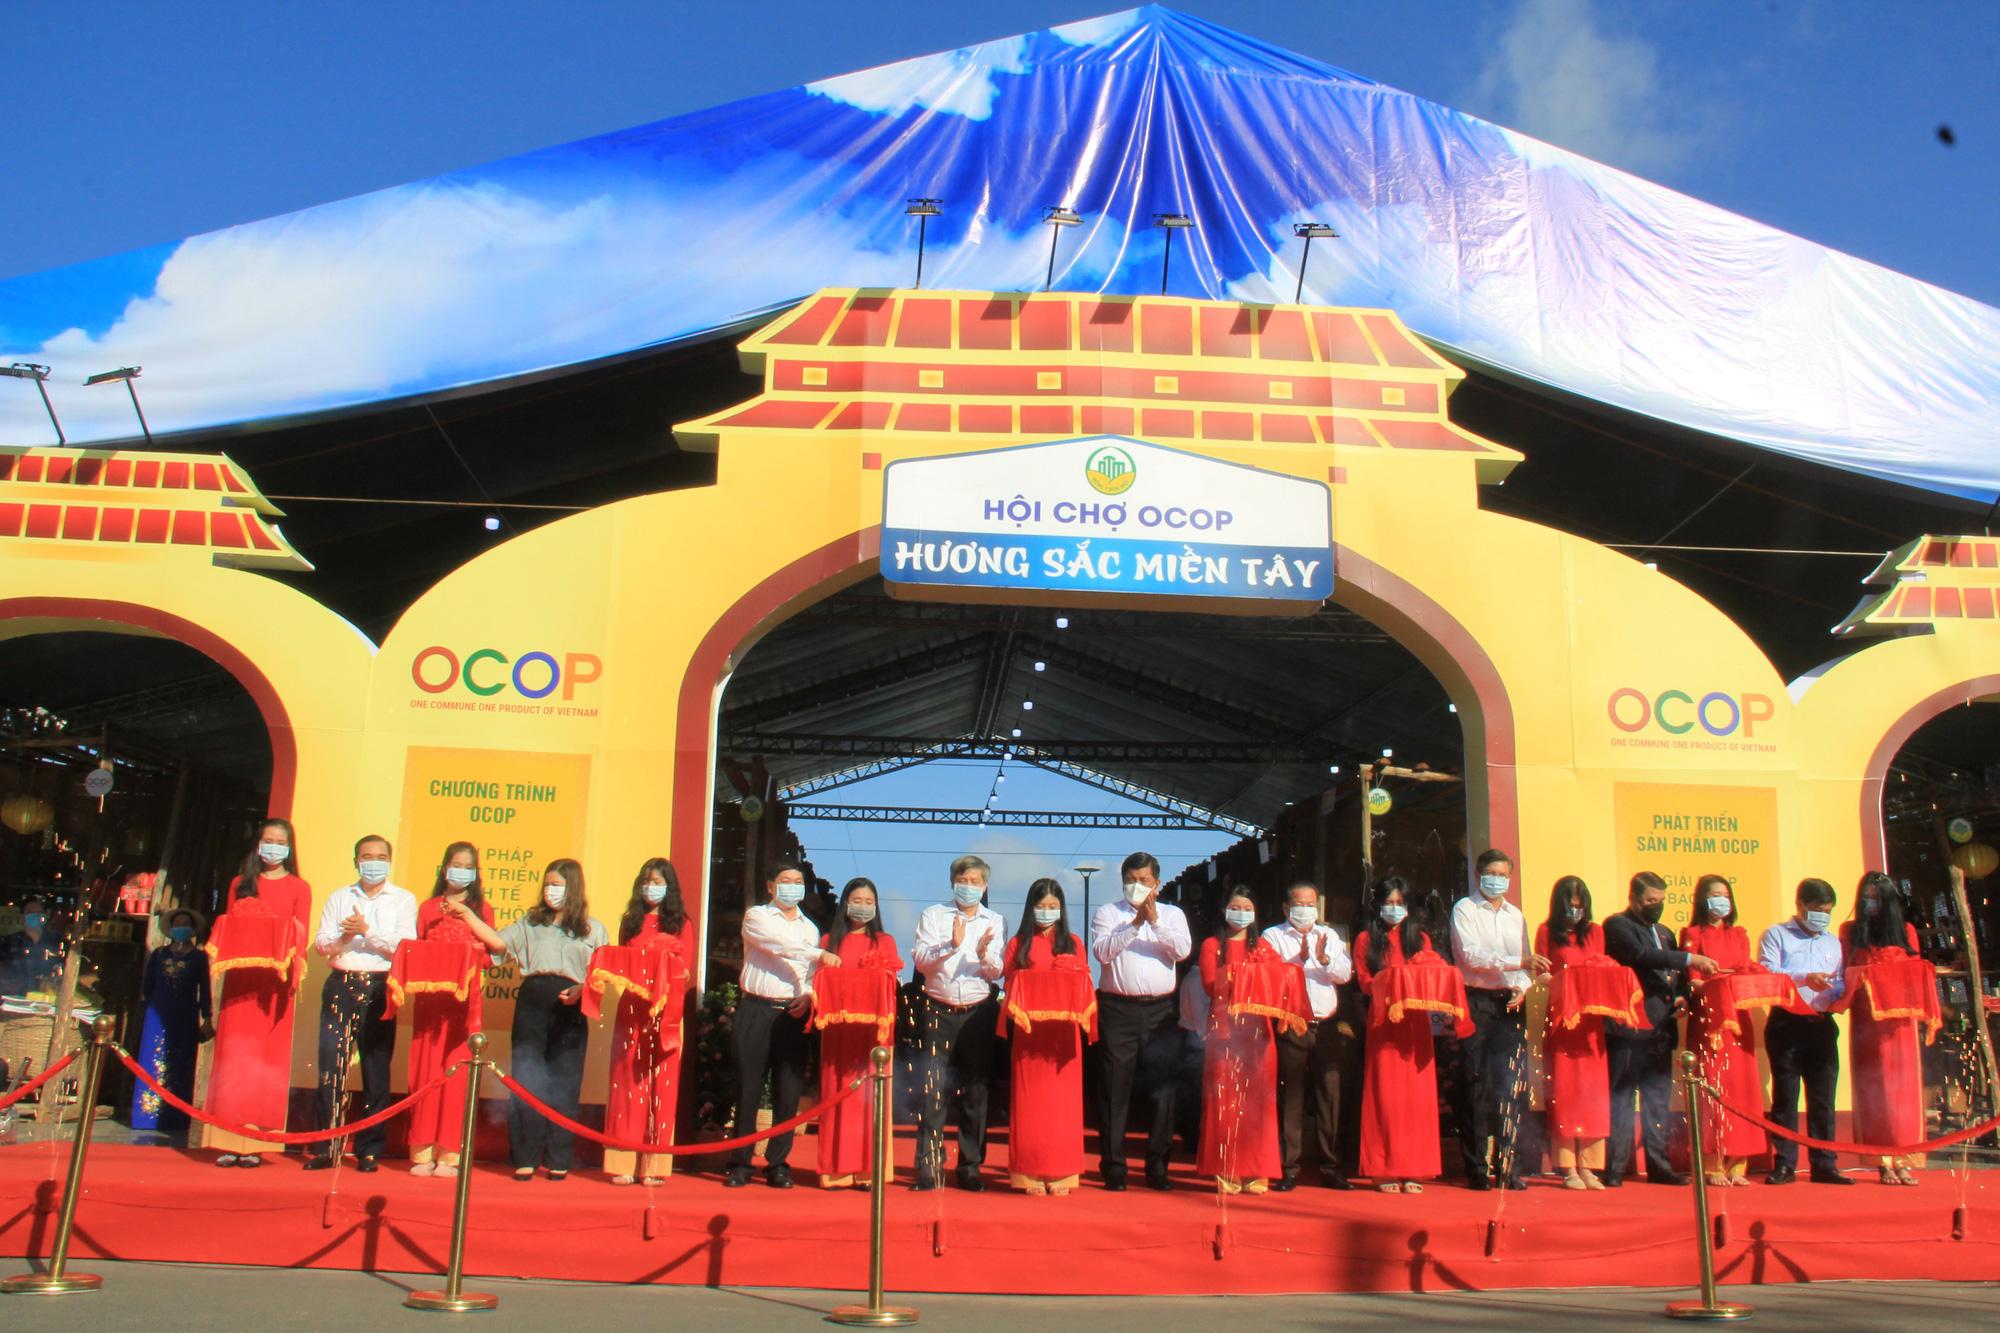 Hàng trăm sản phẩm OCOP – Hương sắc miền Tây hội tụ tại Phú Quốc - Ảnh 1.